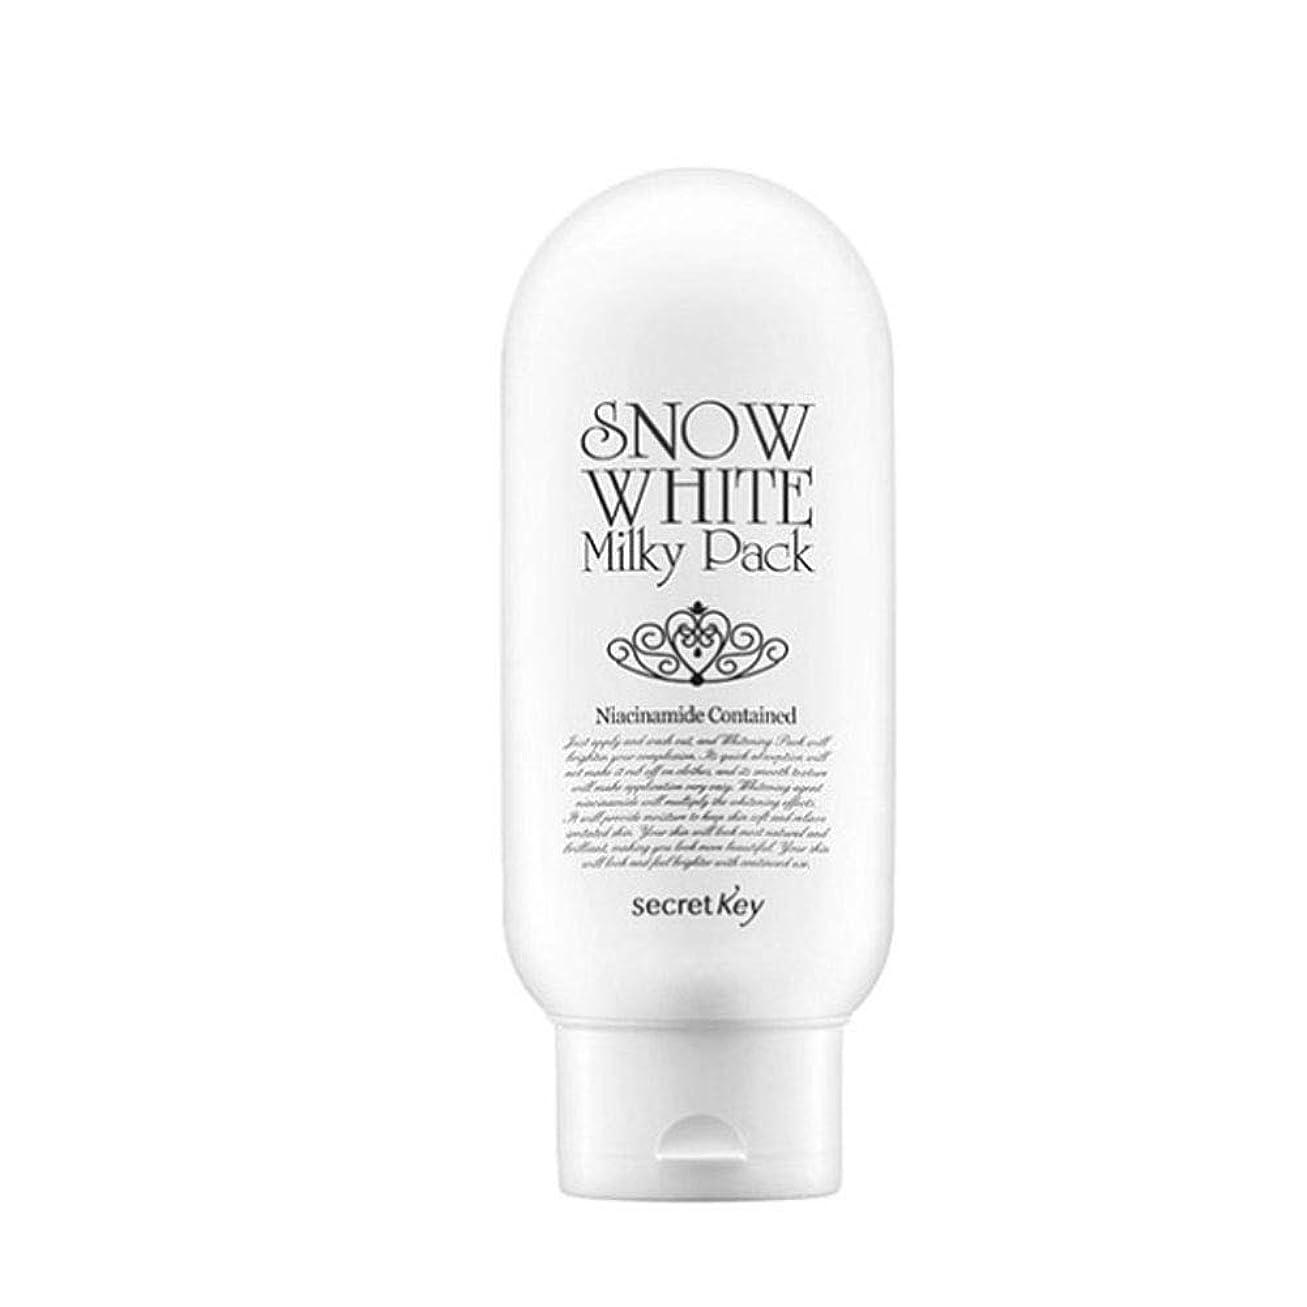 ブルーベルテナント期限切れシークレットキースノーホワイトミルキーパック200g韓国コスメ、Secret Key Snow White Milky Pack 200g Korean Cosmetics [並行輸入品]